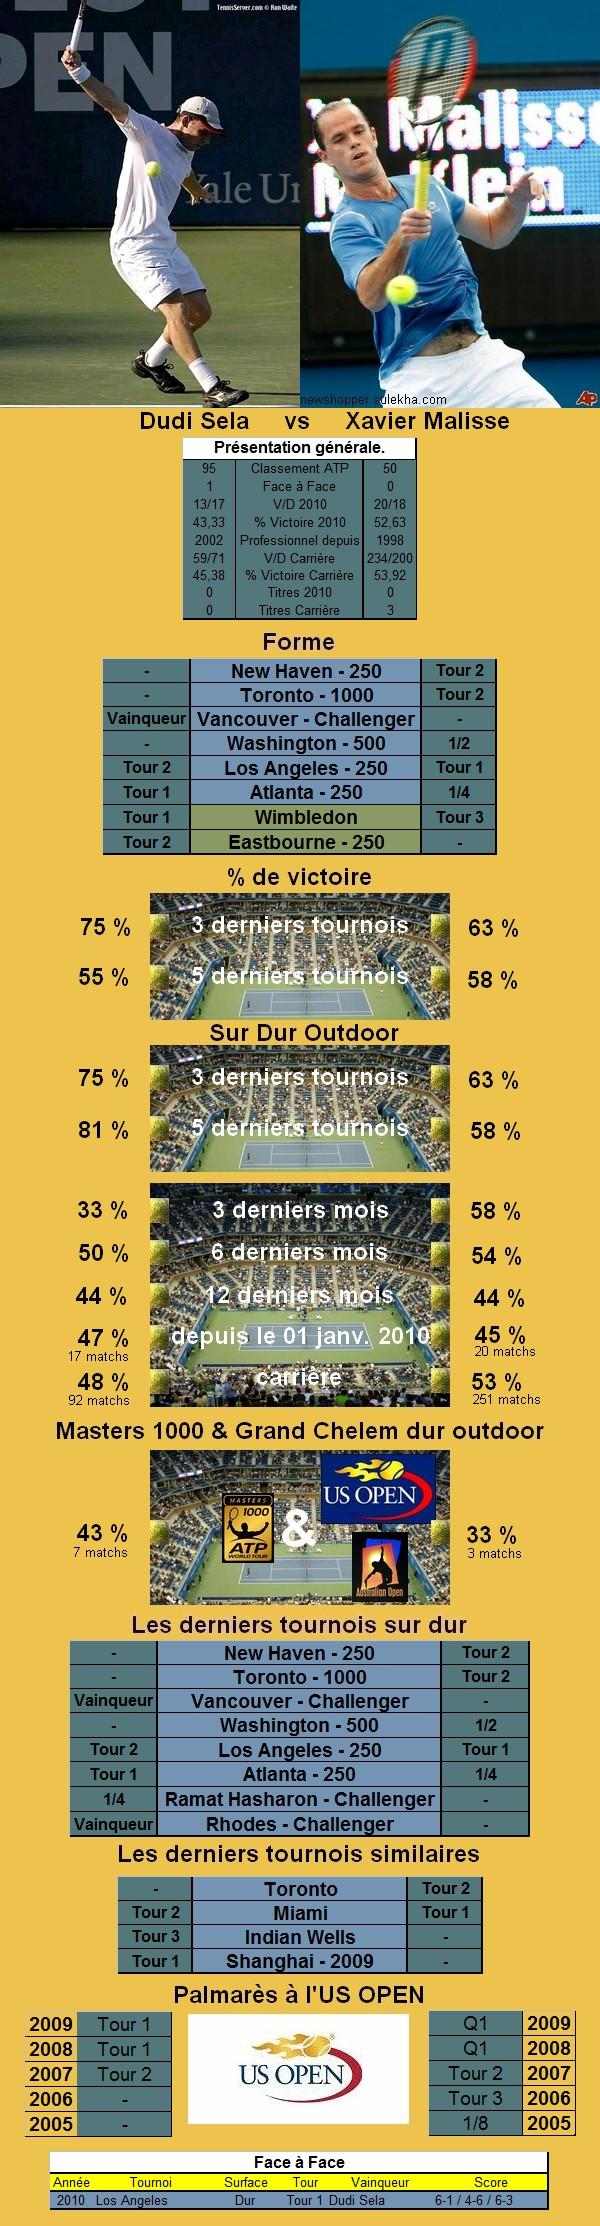 Statistiques tennis de Sela contre Malisse à l'US OPEN